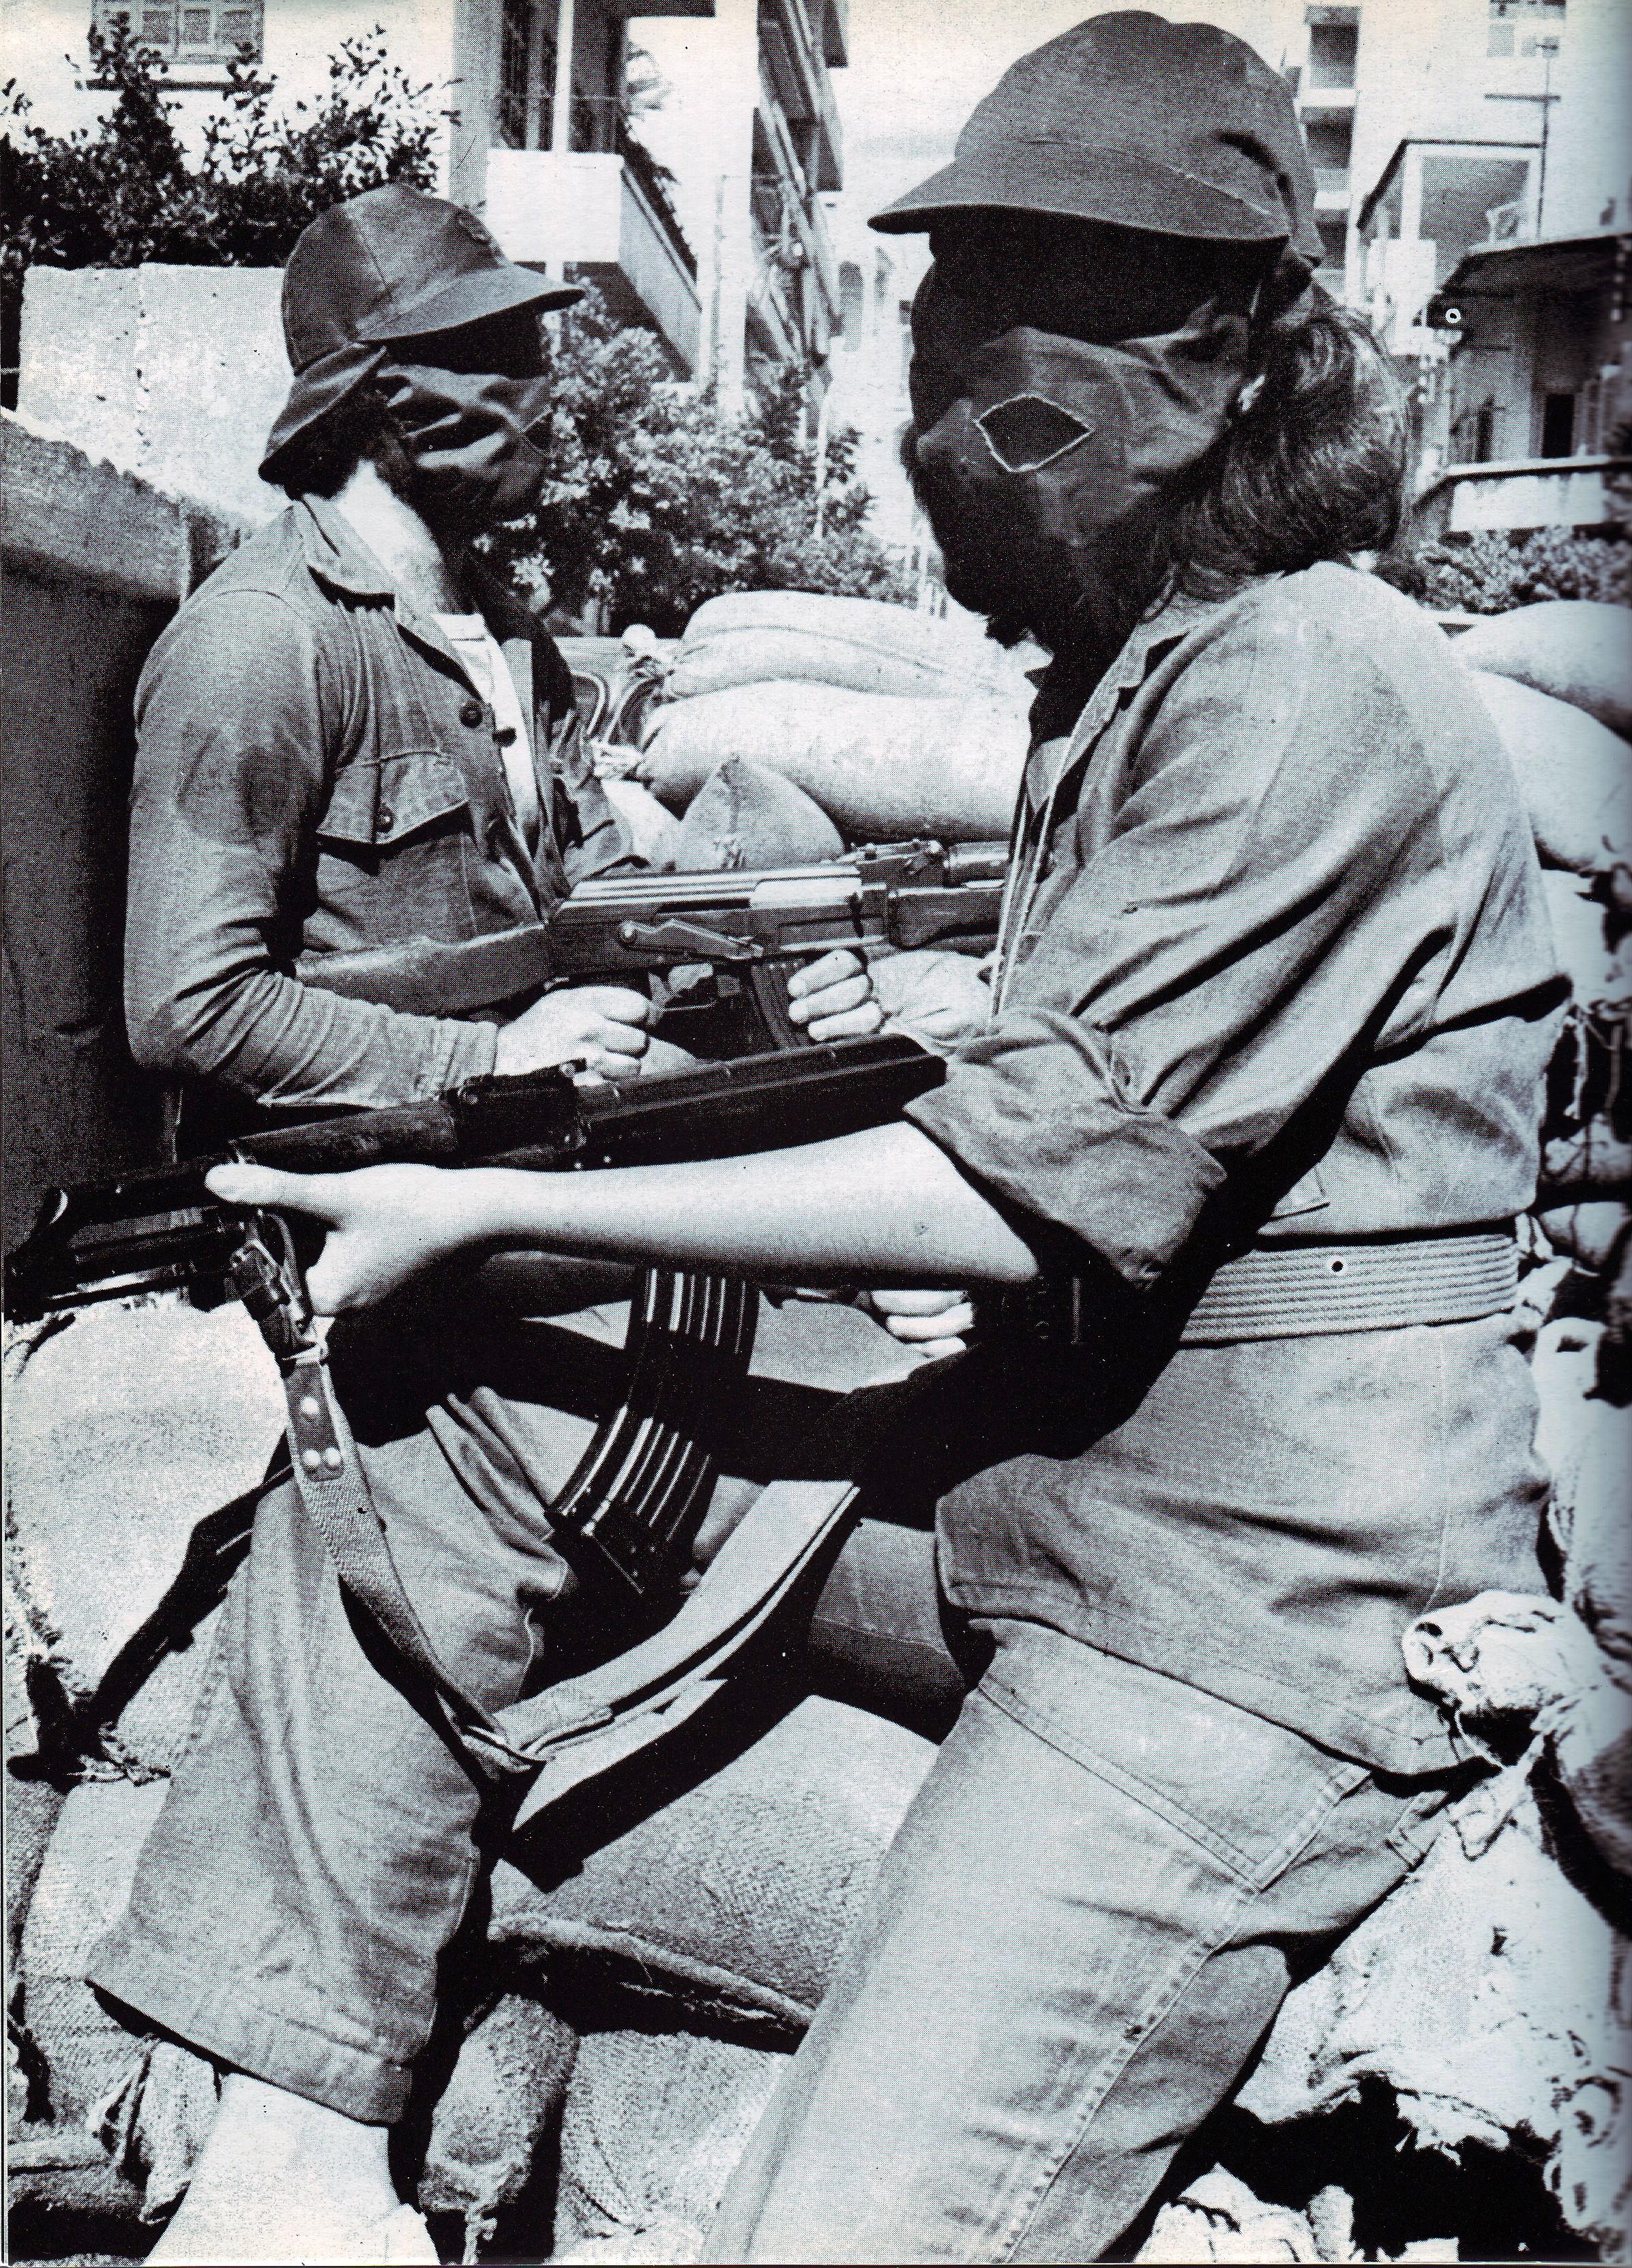 scènes de combat (armée libanaise, palestinien, chrétien...) 1975-nizamiyyet